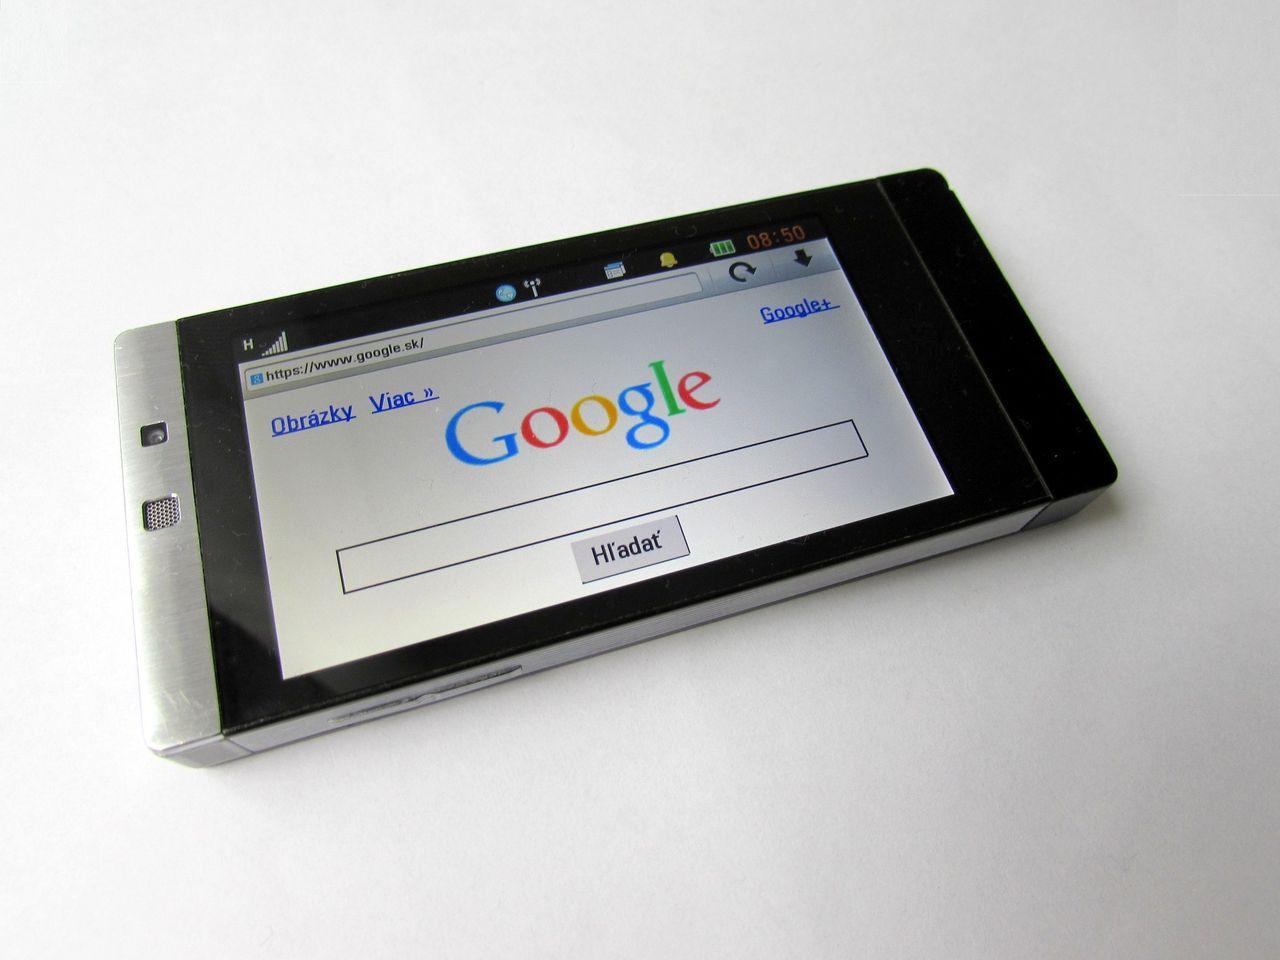 インターネットの利用はパソコンよりスマホでやる人の方が多くなったもよう・・・ 総務省調査